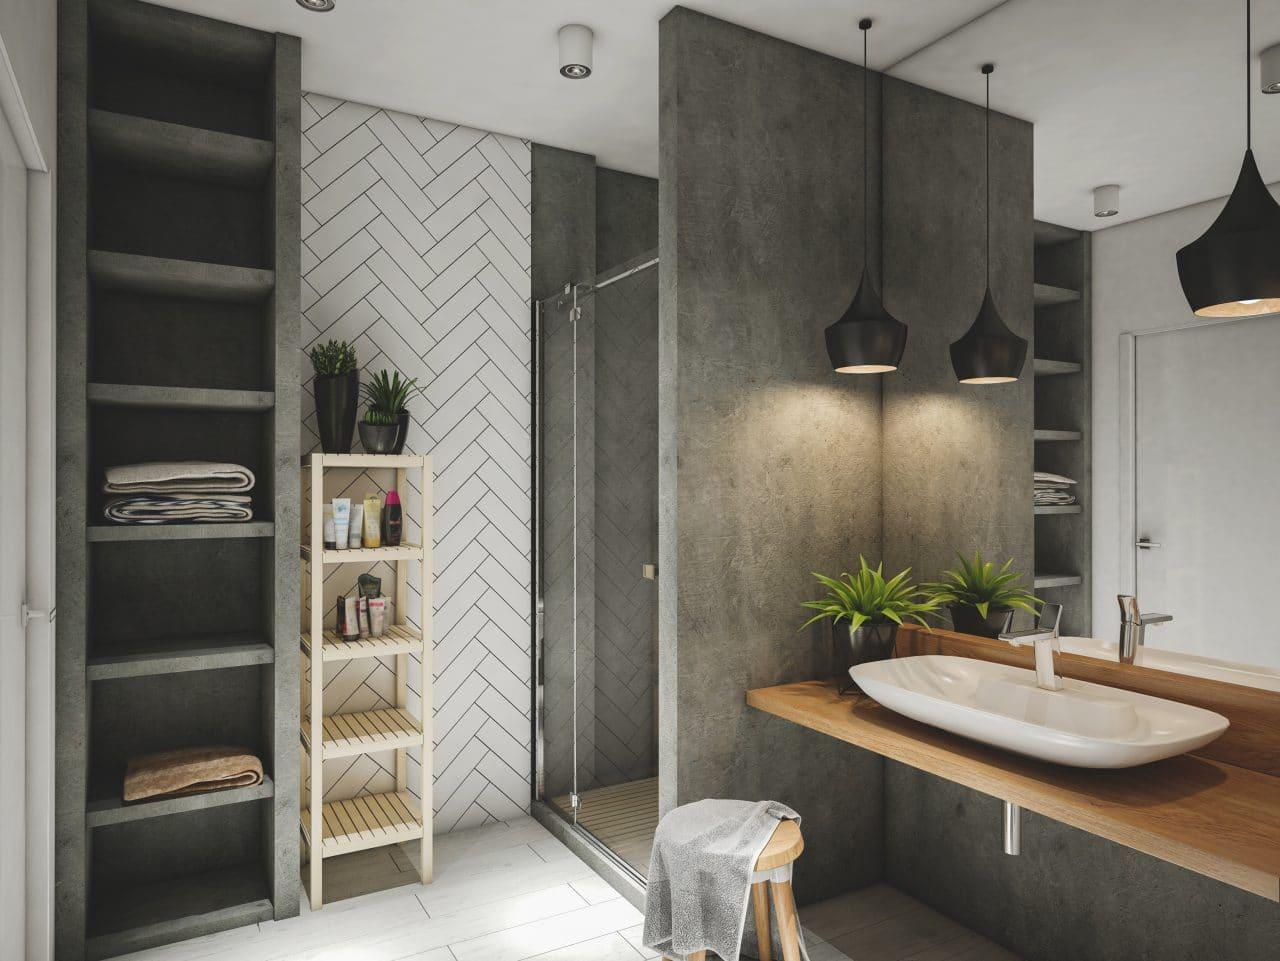 rénovation de salle de bain par illiCO travaux Perros-Guirec - Paimpol - Plouha